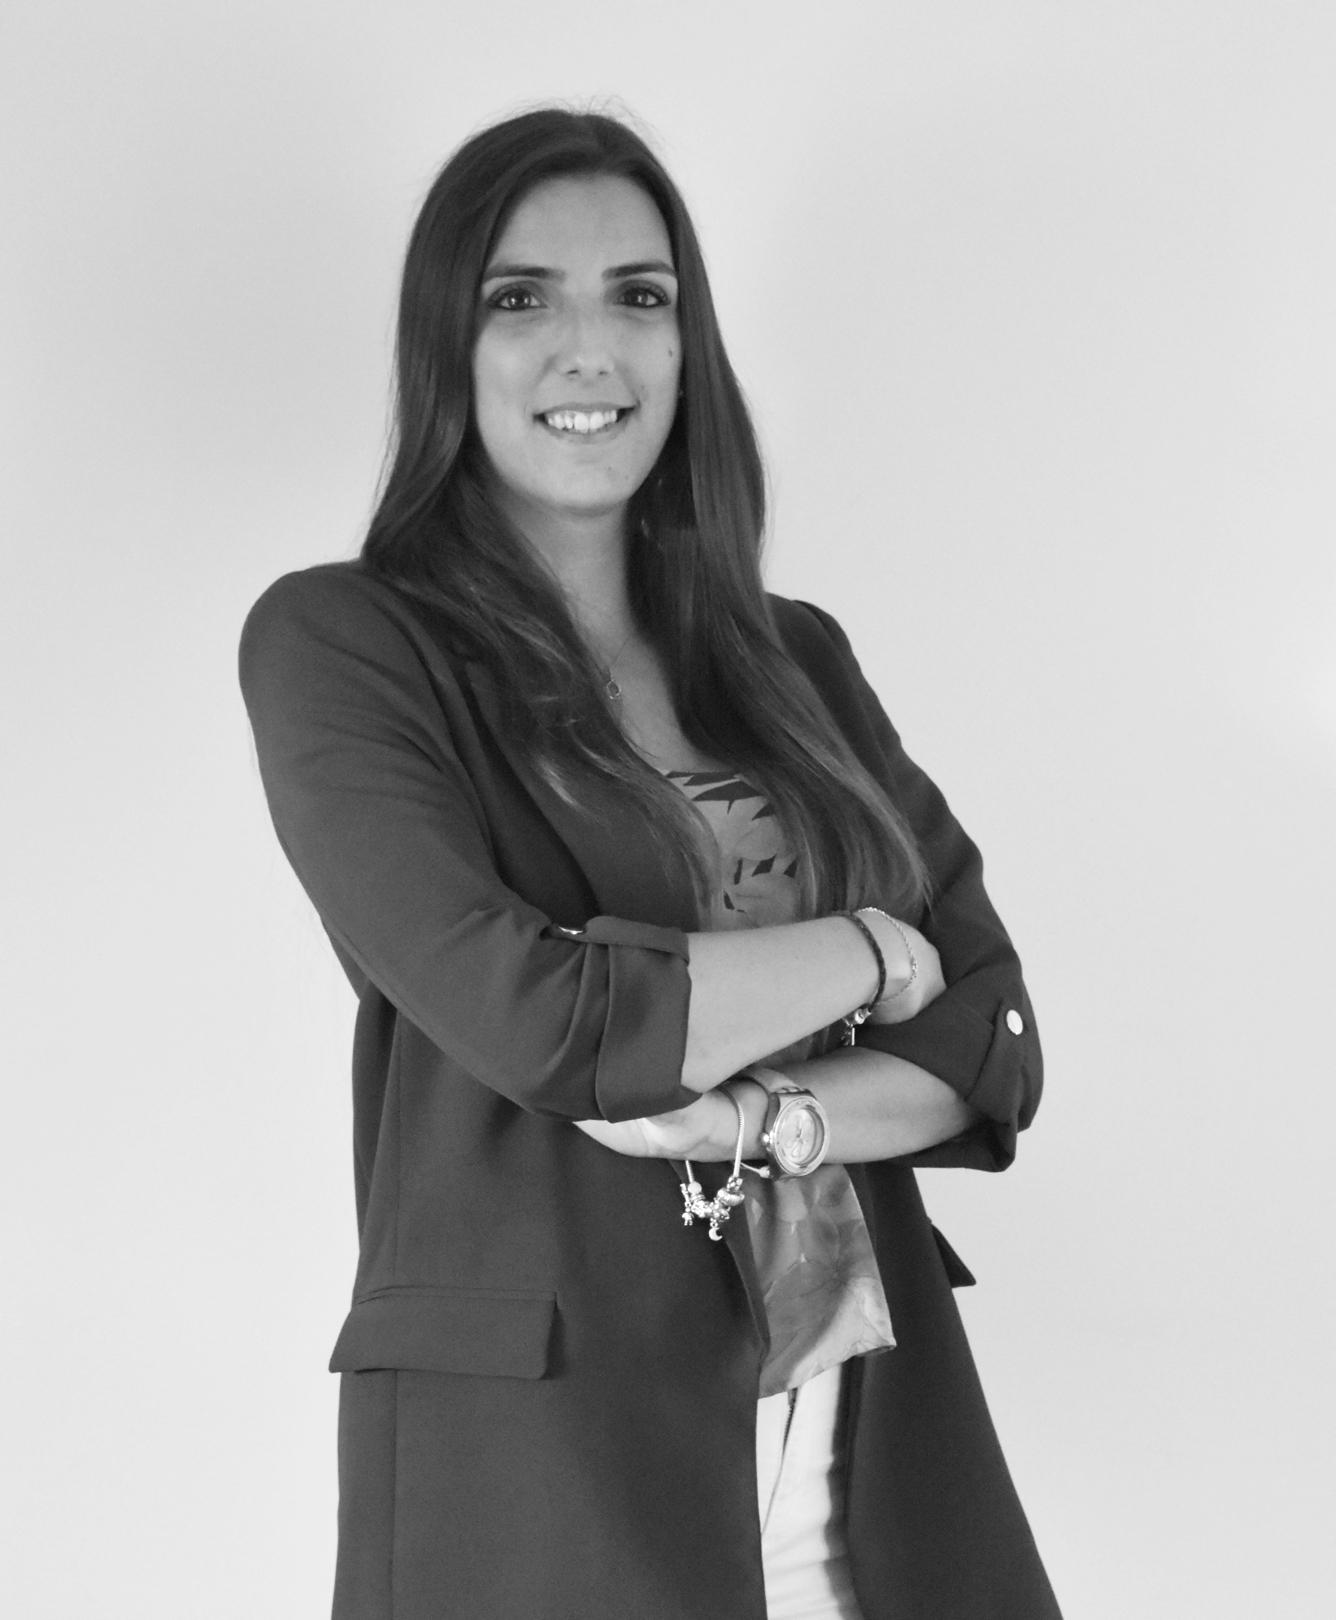 Raquel Soares Mendes foto.